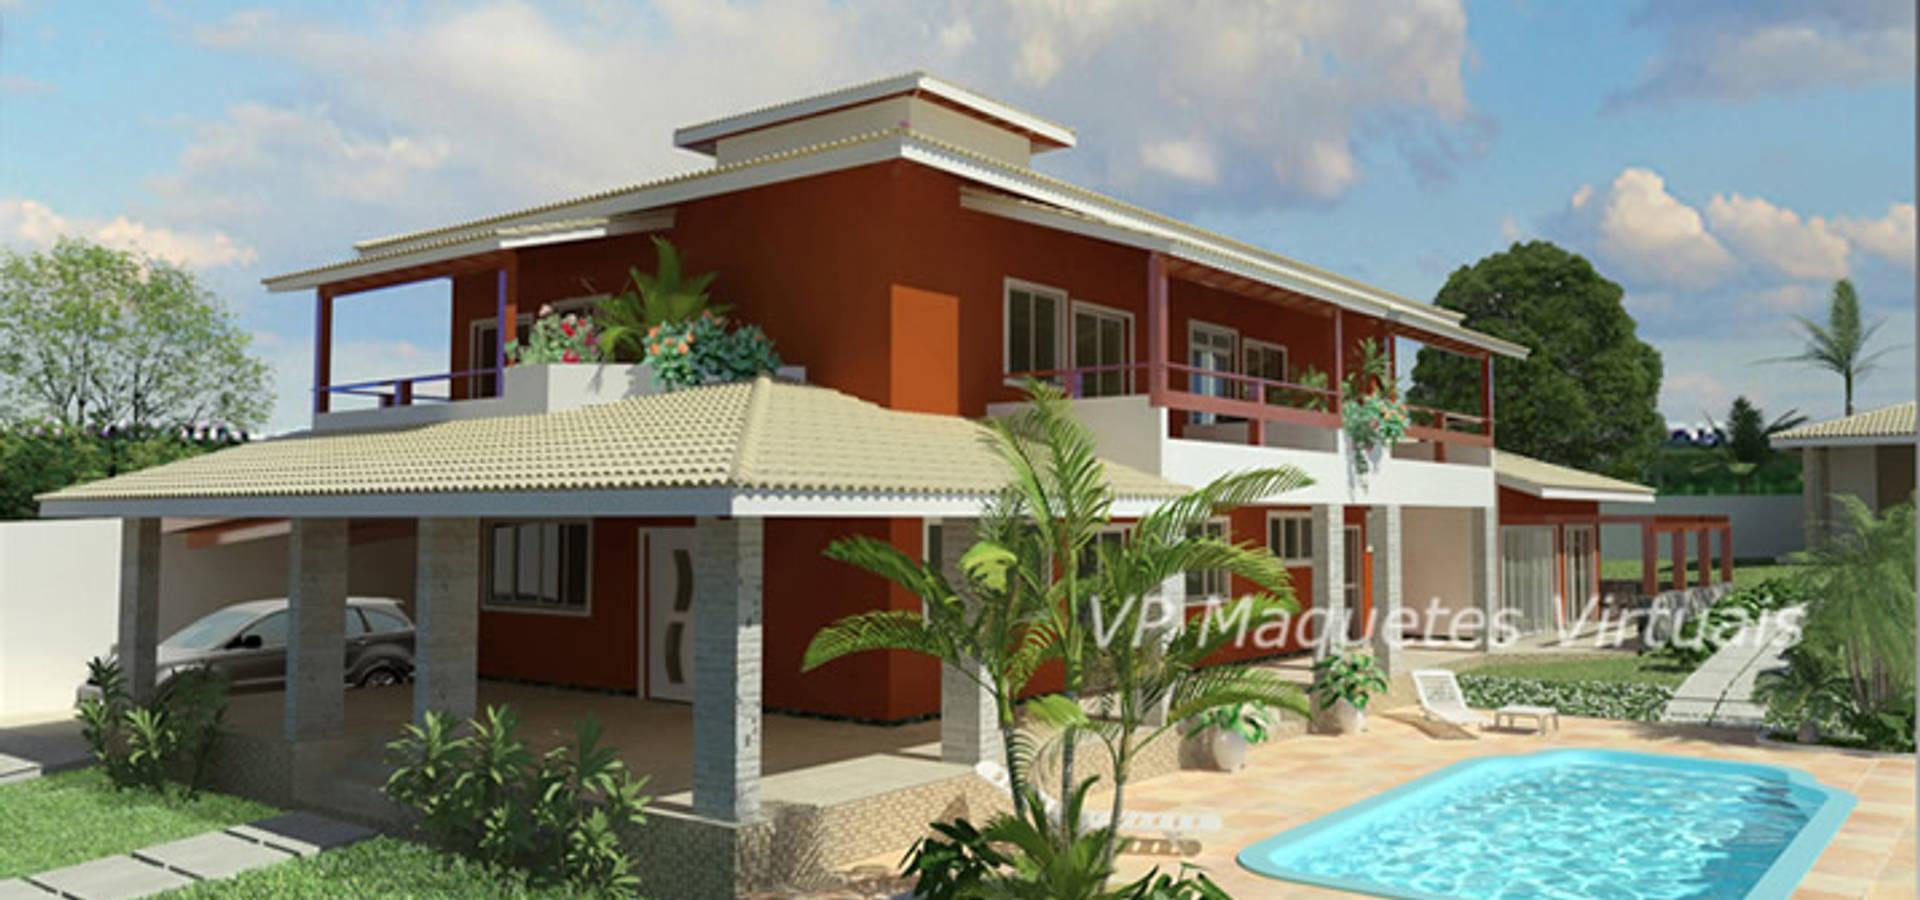 Casa container salvador ba de vparques arquitetura e for Homify casas de campo